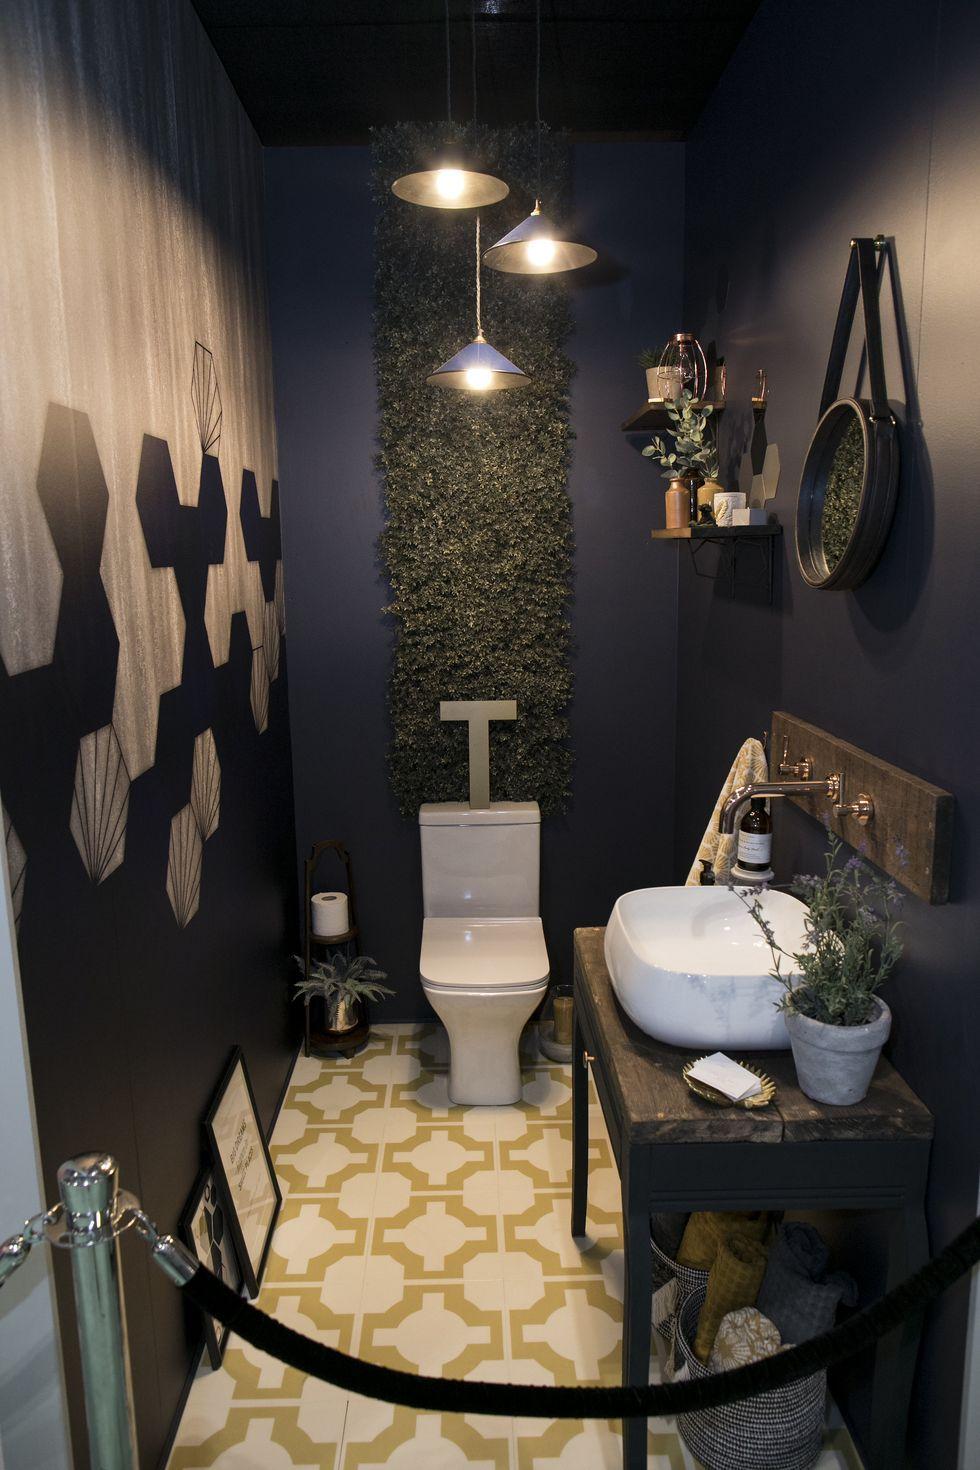 50 Gave Blauwe Toilet Ideeen Met Inspiratie Voorbeelden Tegels Goud Decoratie Donkerblauw Small Toilet Room Downstairs Toilet Toilet Design